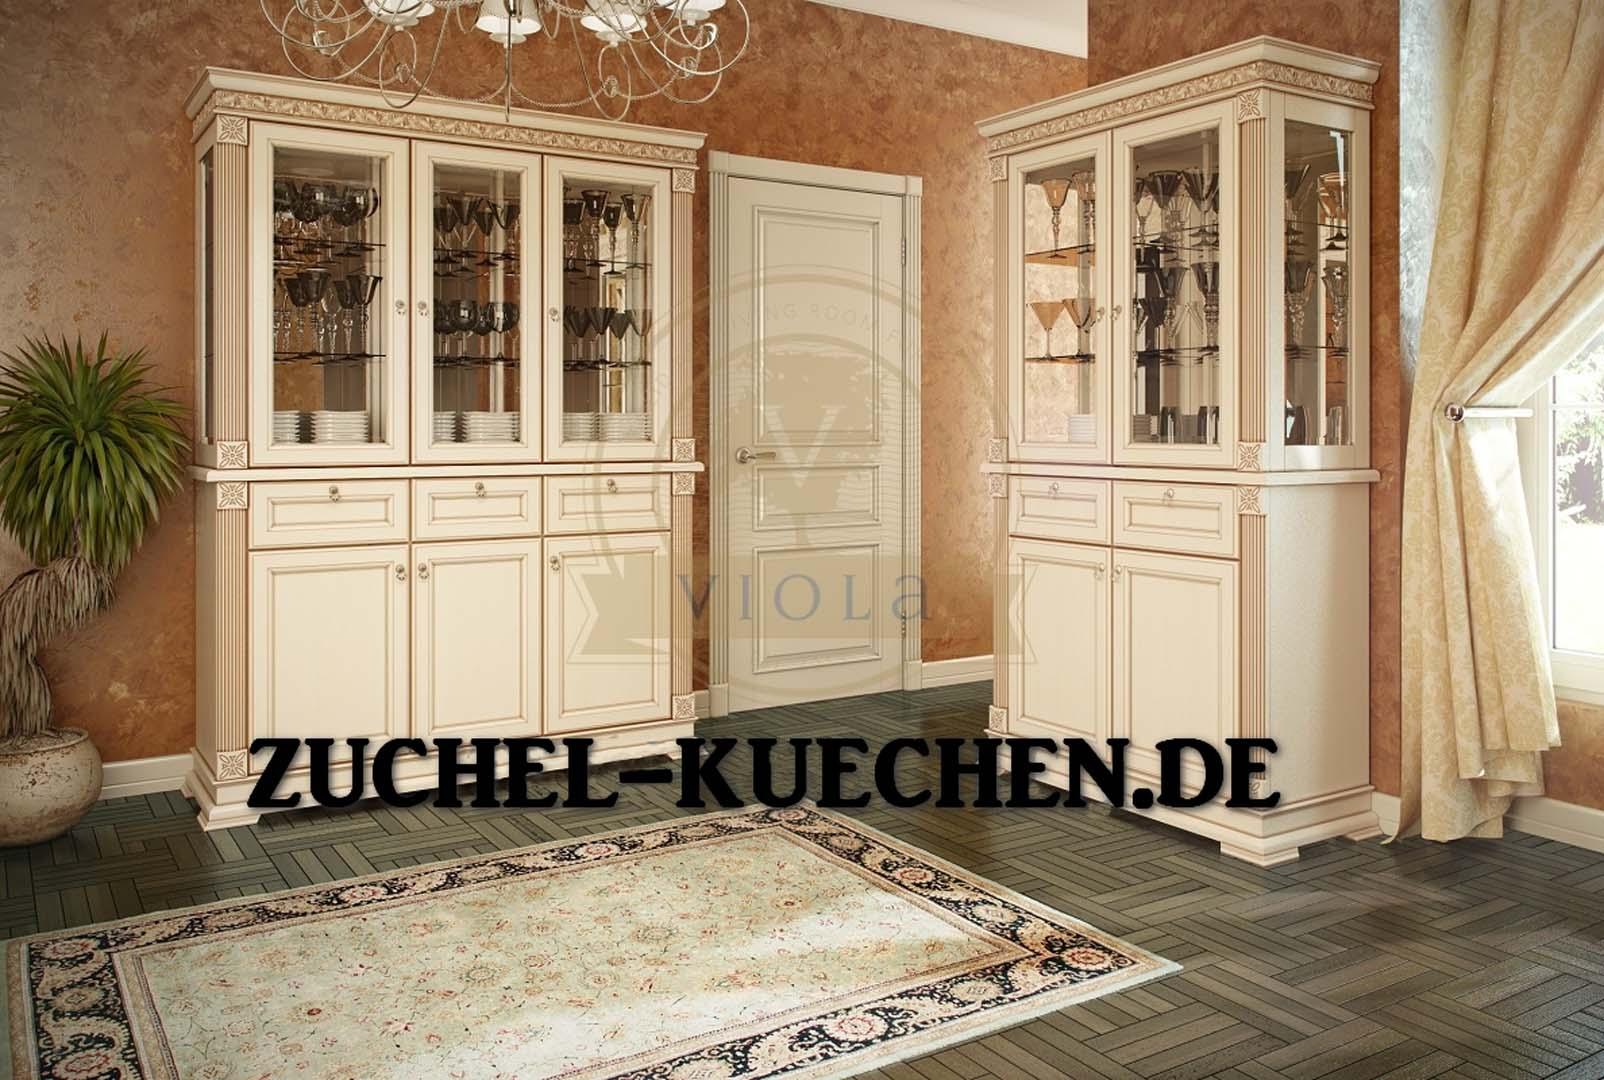 Wohnzimmer Zuchel Kuche